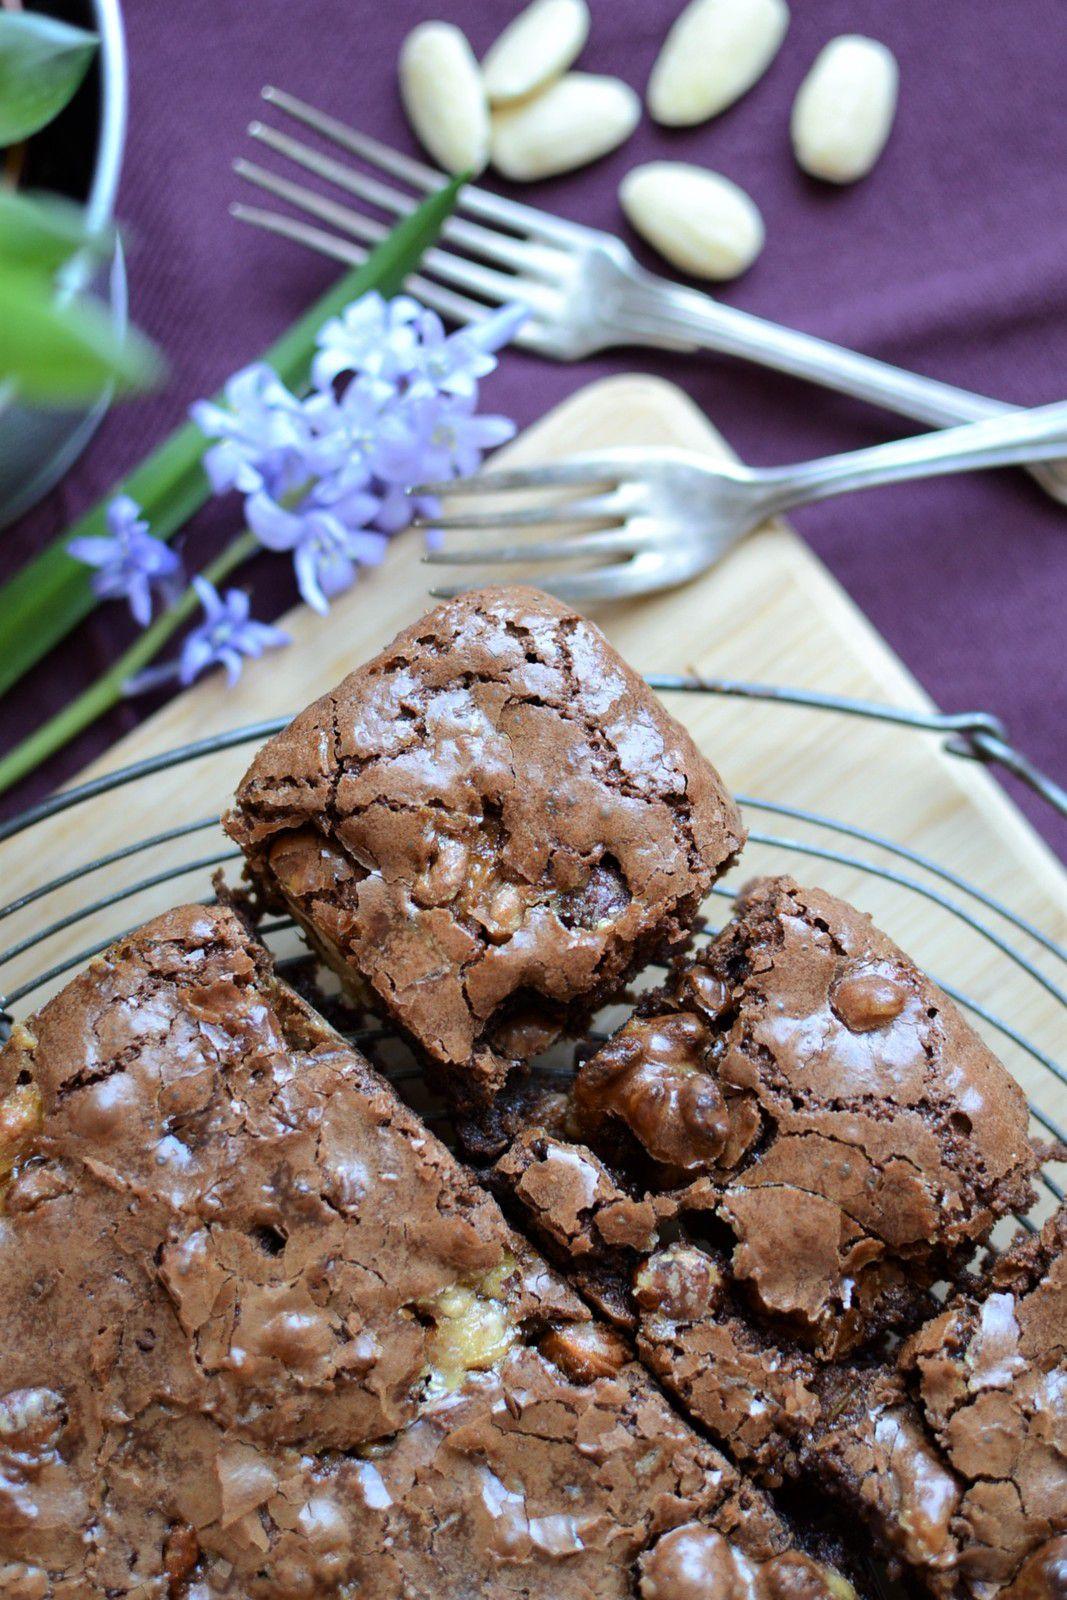 Brownie De Cyril Lignac : brownie, cyril, lignac, Brownie, Fruits, Caramélisés, Cyril, Lignac, Salomé